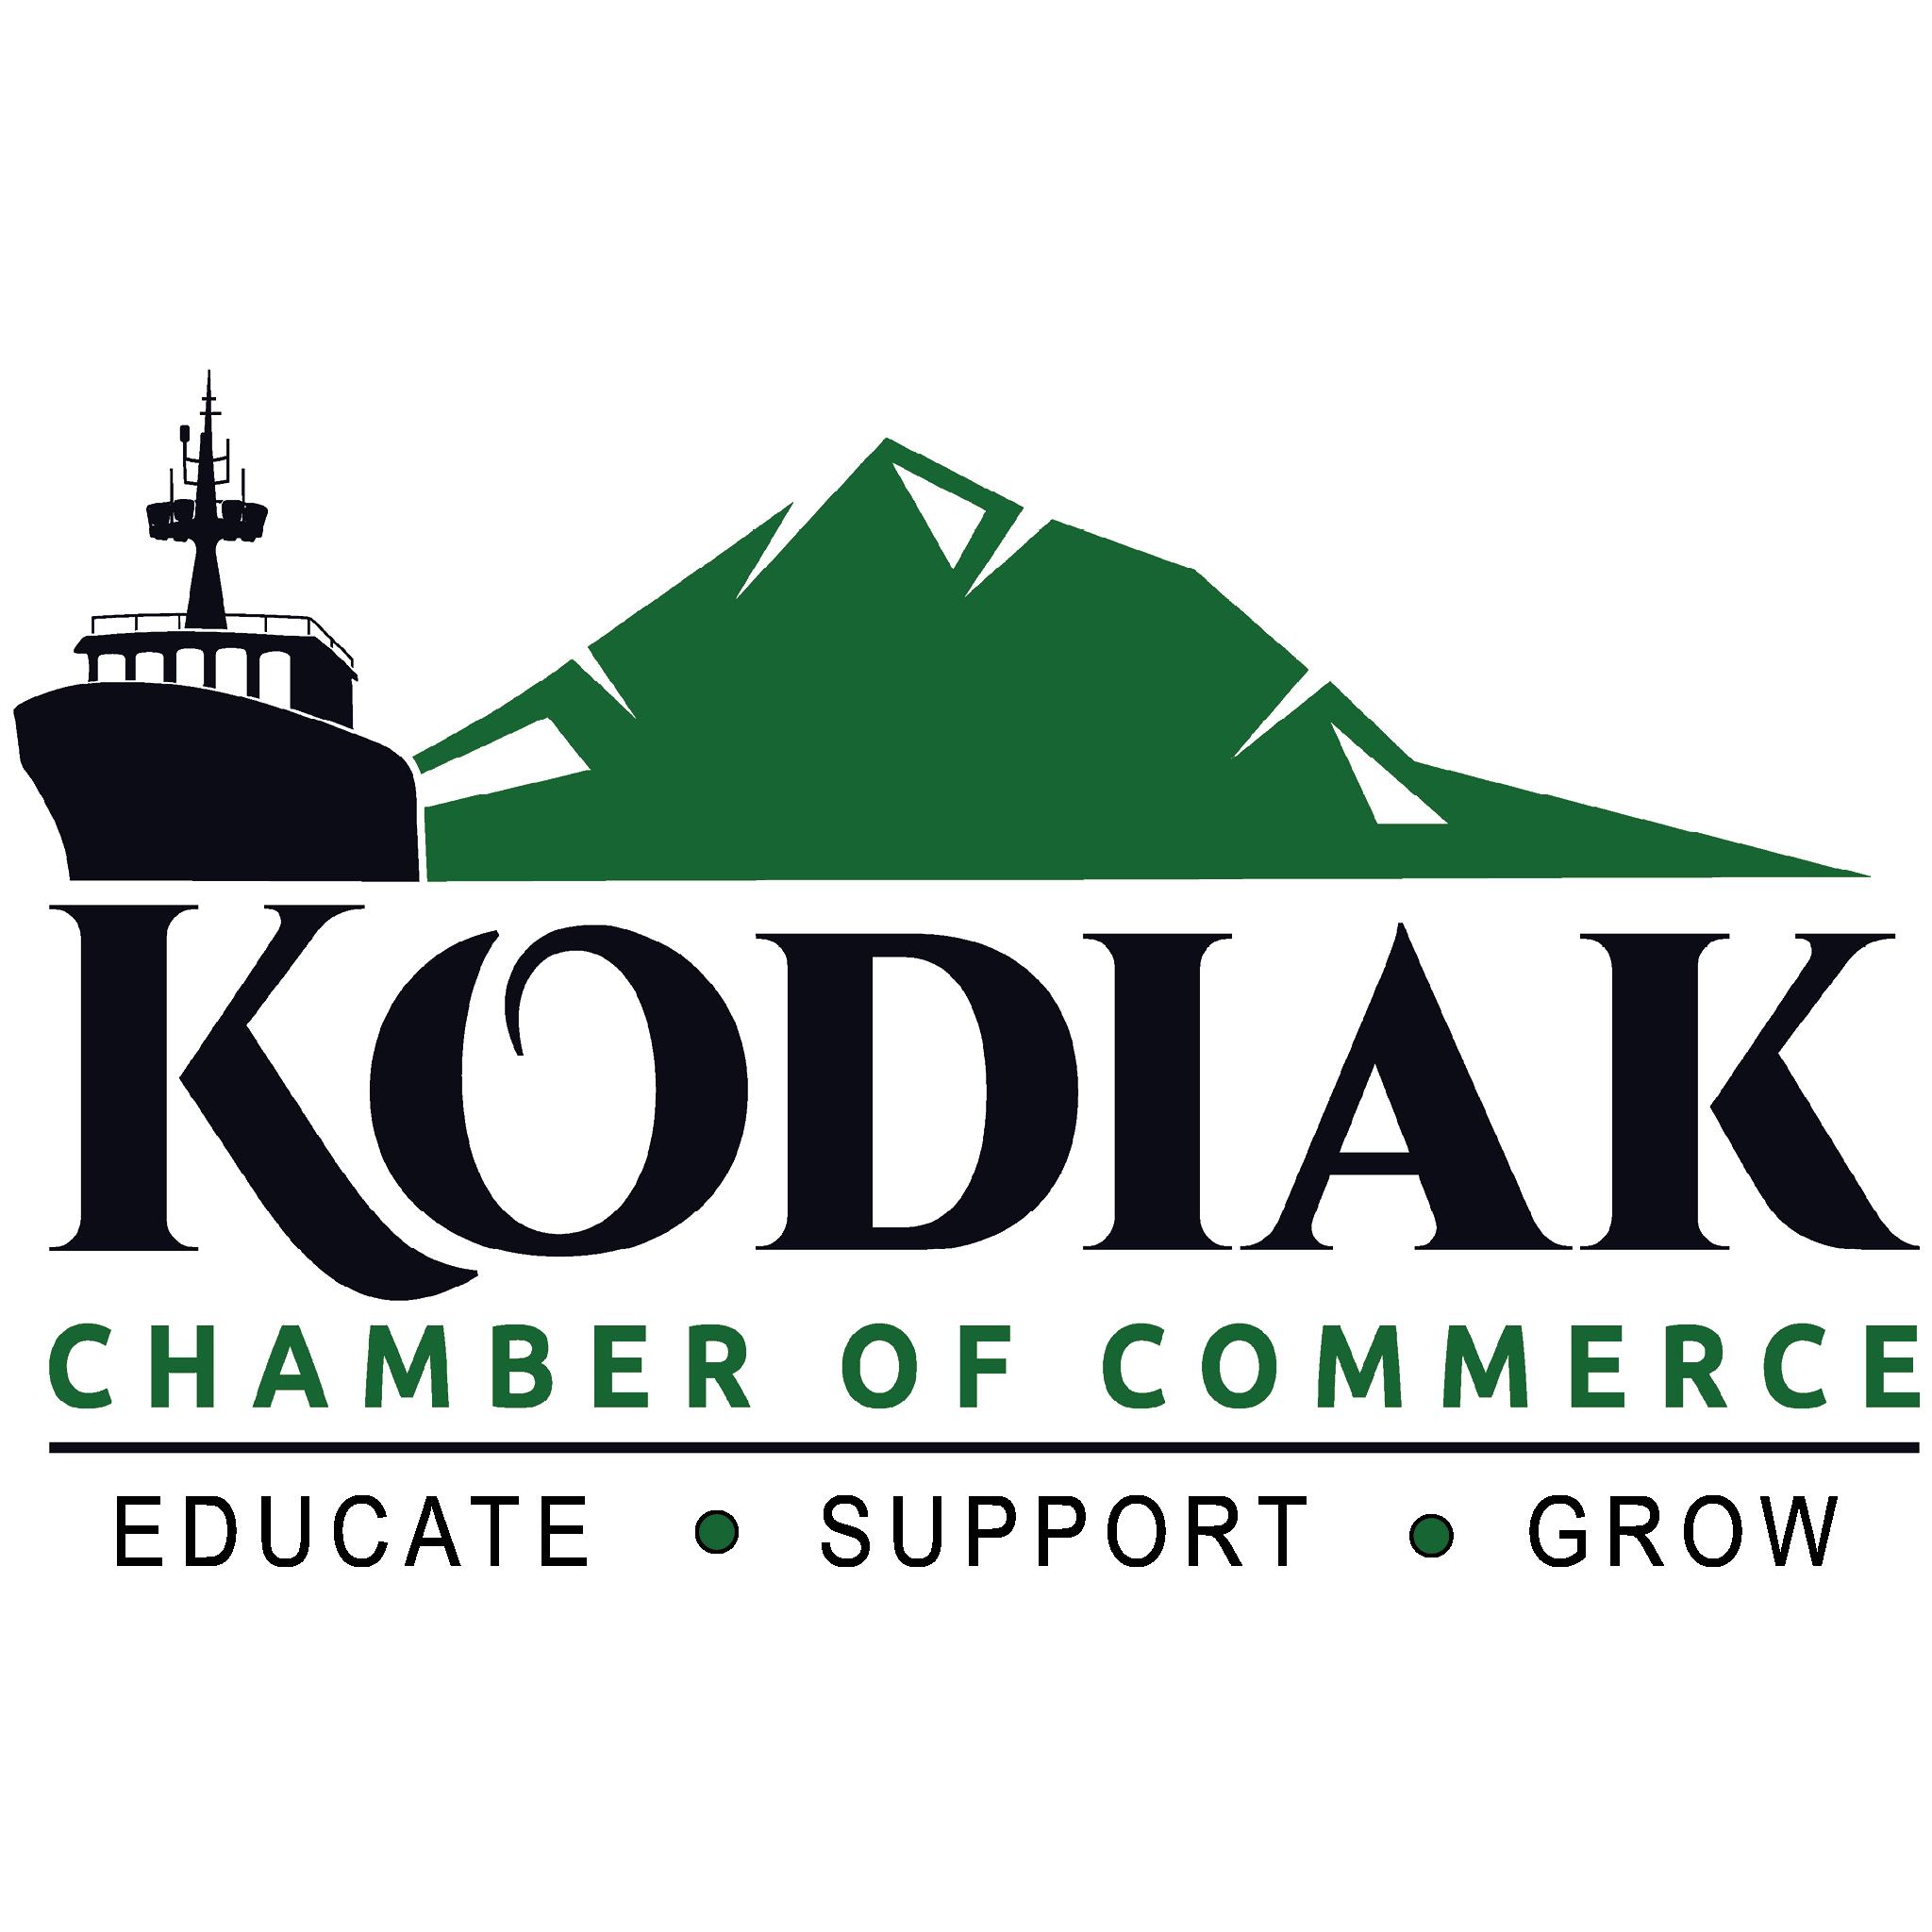 Kodiak Chamber of Commerce